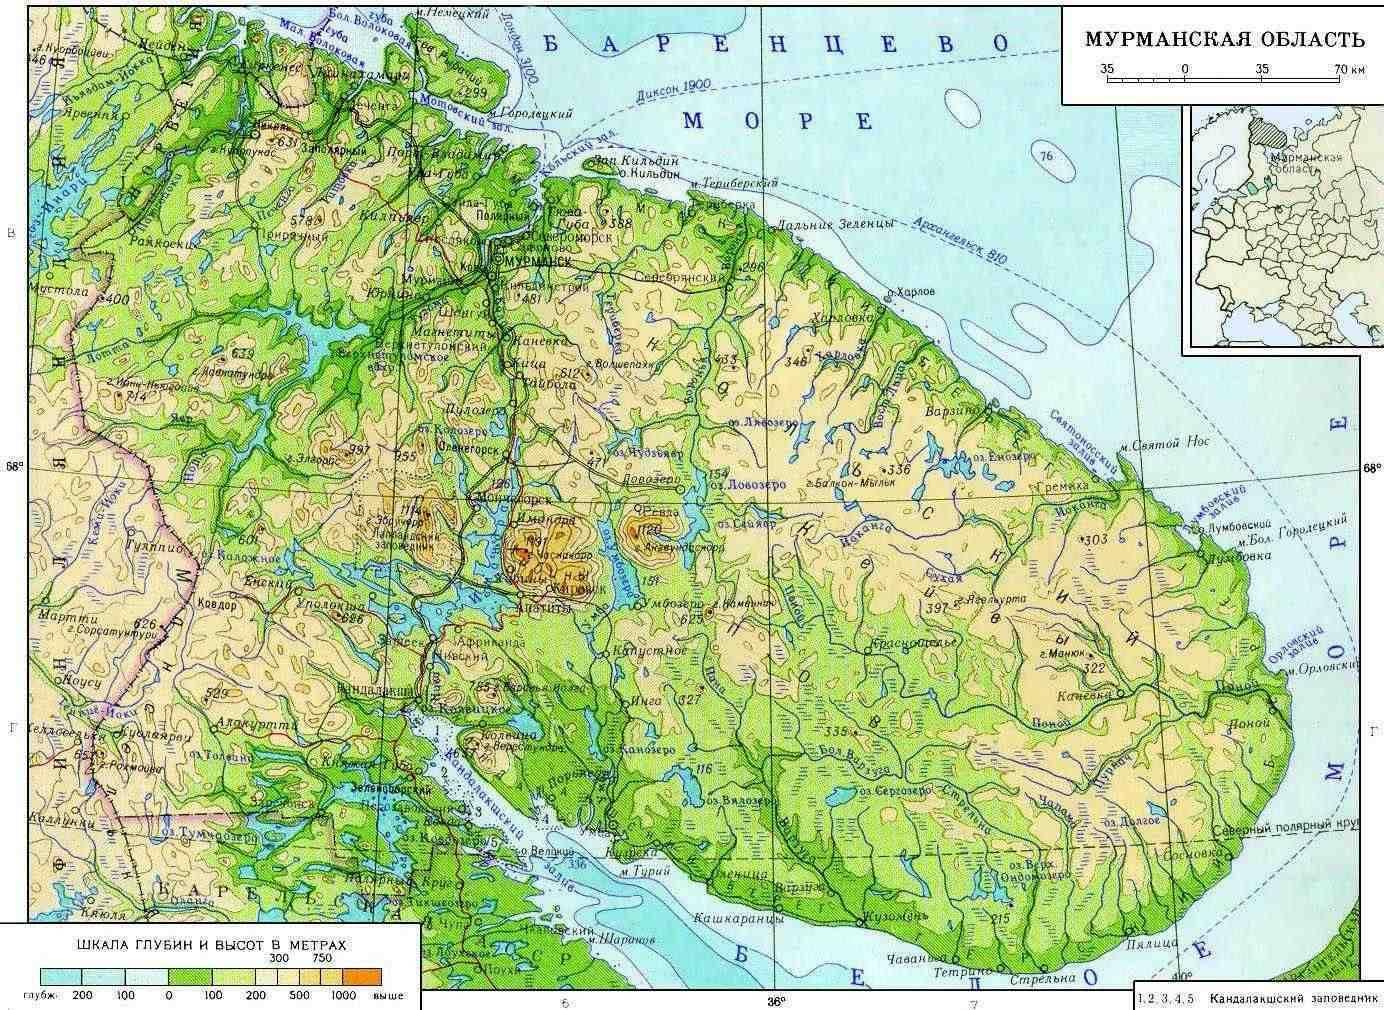 Карта Мурманской области России.